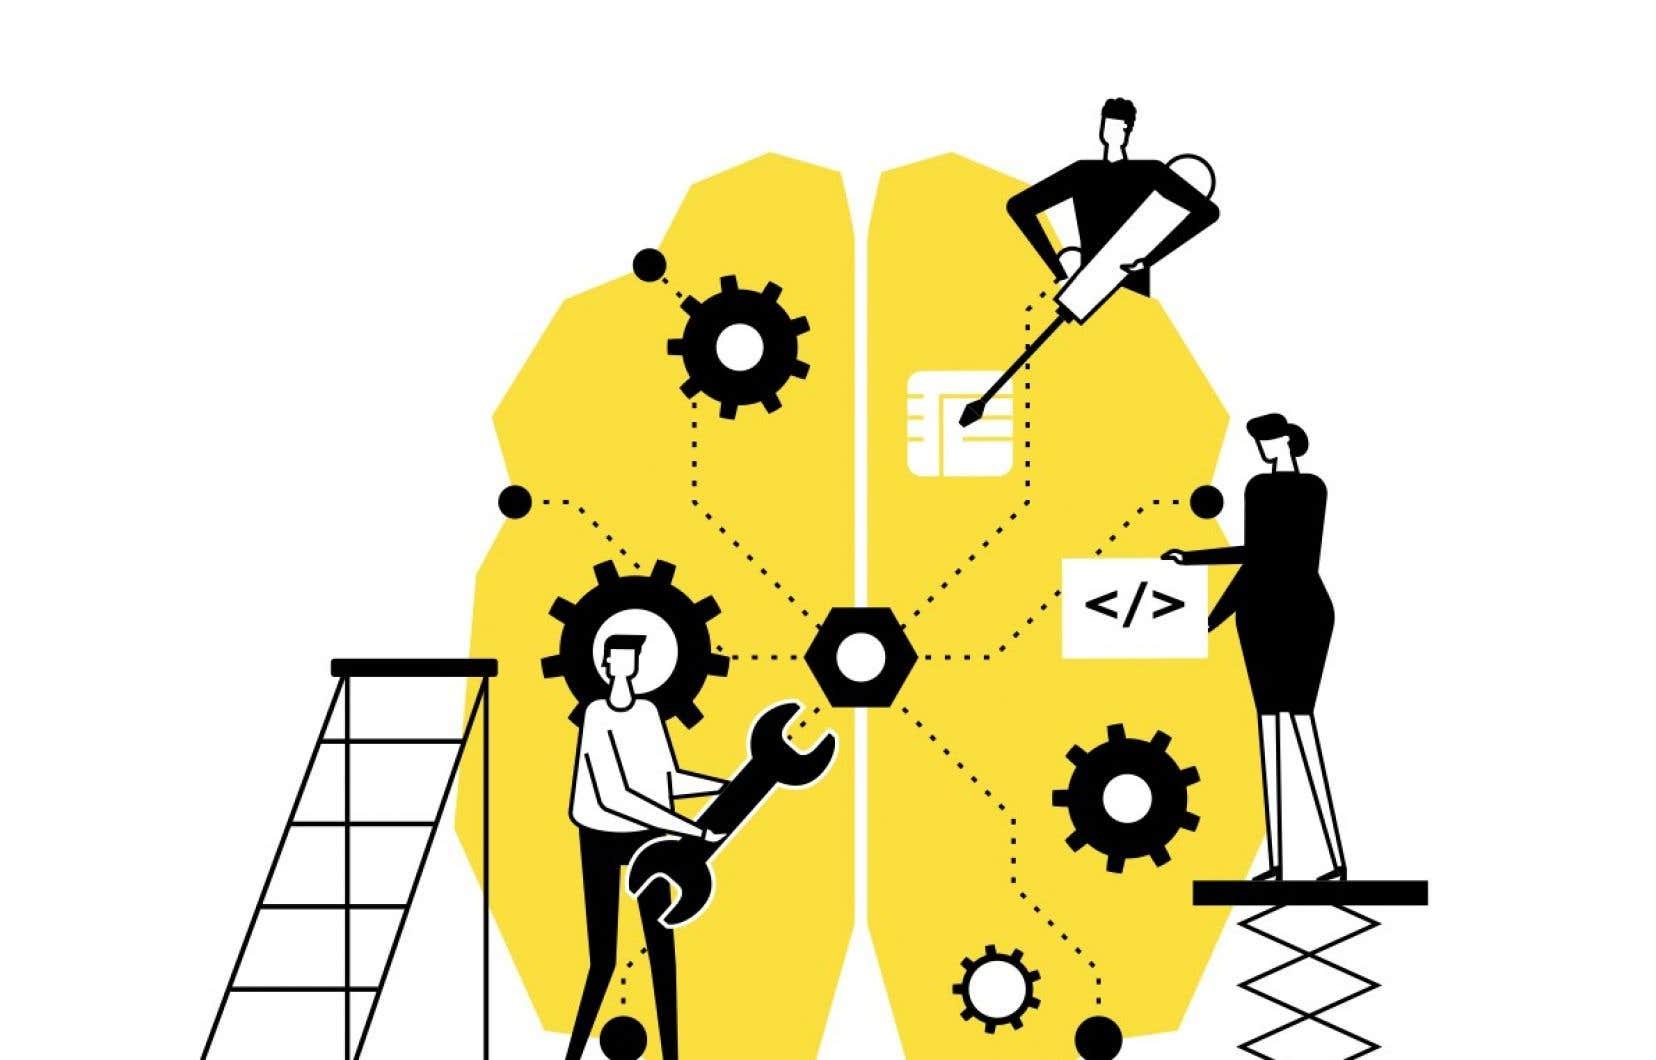 Les changements technologiques surviennent vite dans le monde du travail, mais peu d'articles scientifiques ont documenté leurs effets.